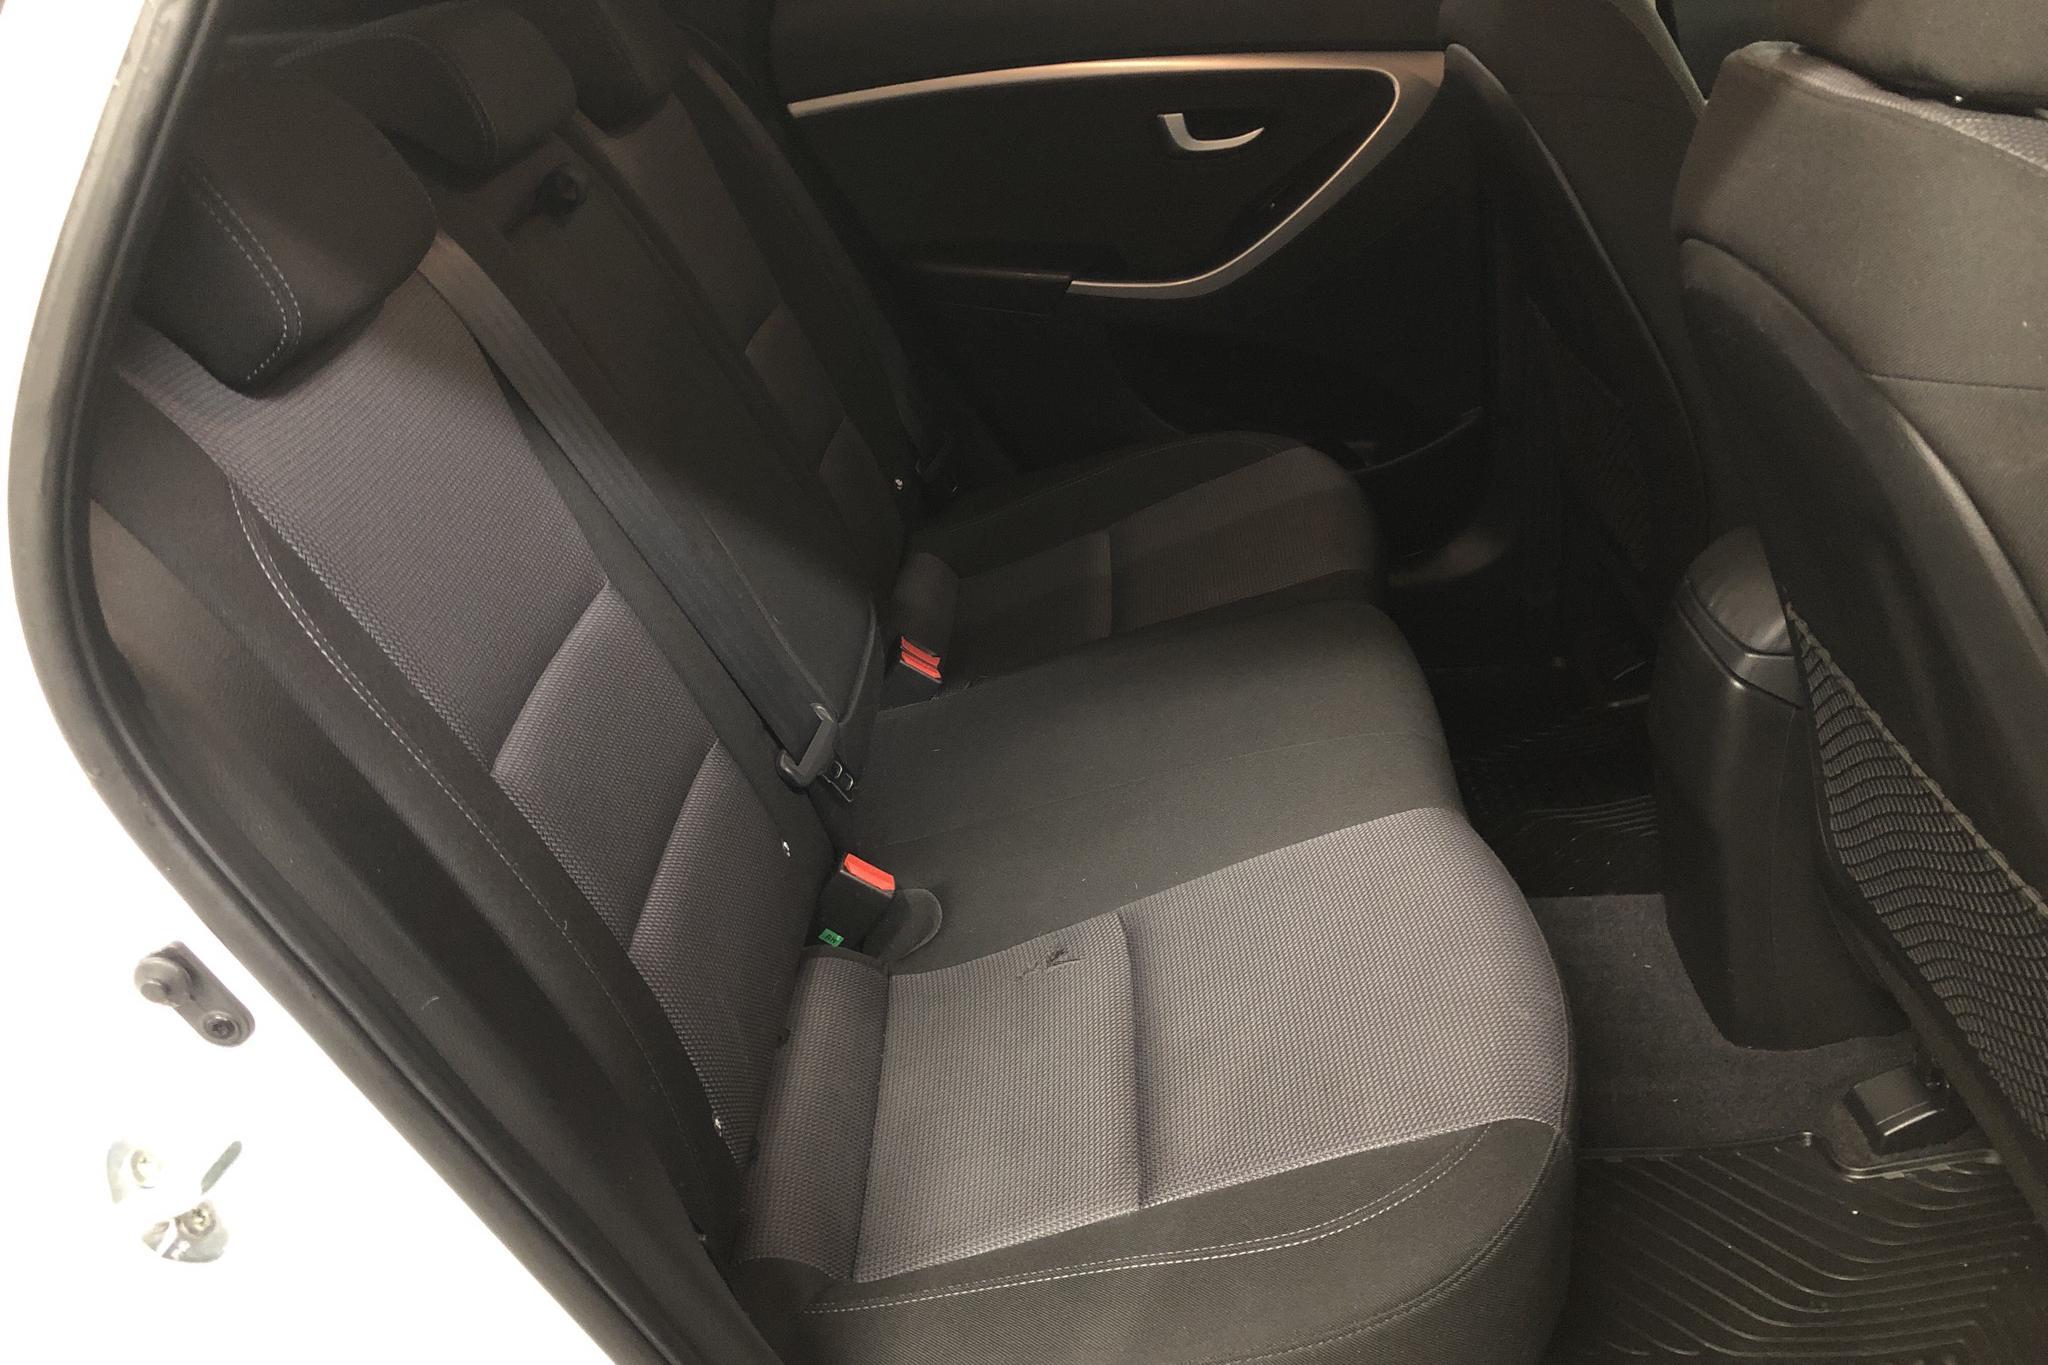 Hyundai i30 1.6 D 5dr (110hk) - 62 400 km - Automatic - white - 2015